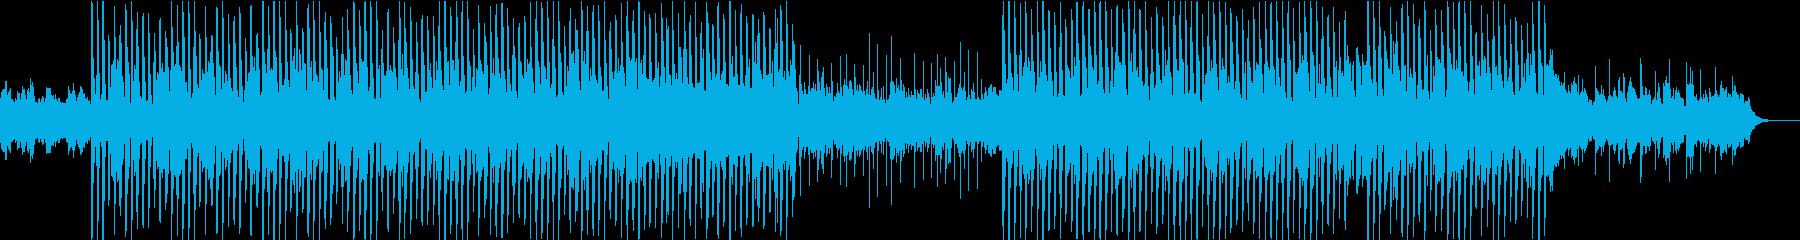 引き立てられたシンセとエレクトロニ...の再生済みの波形